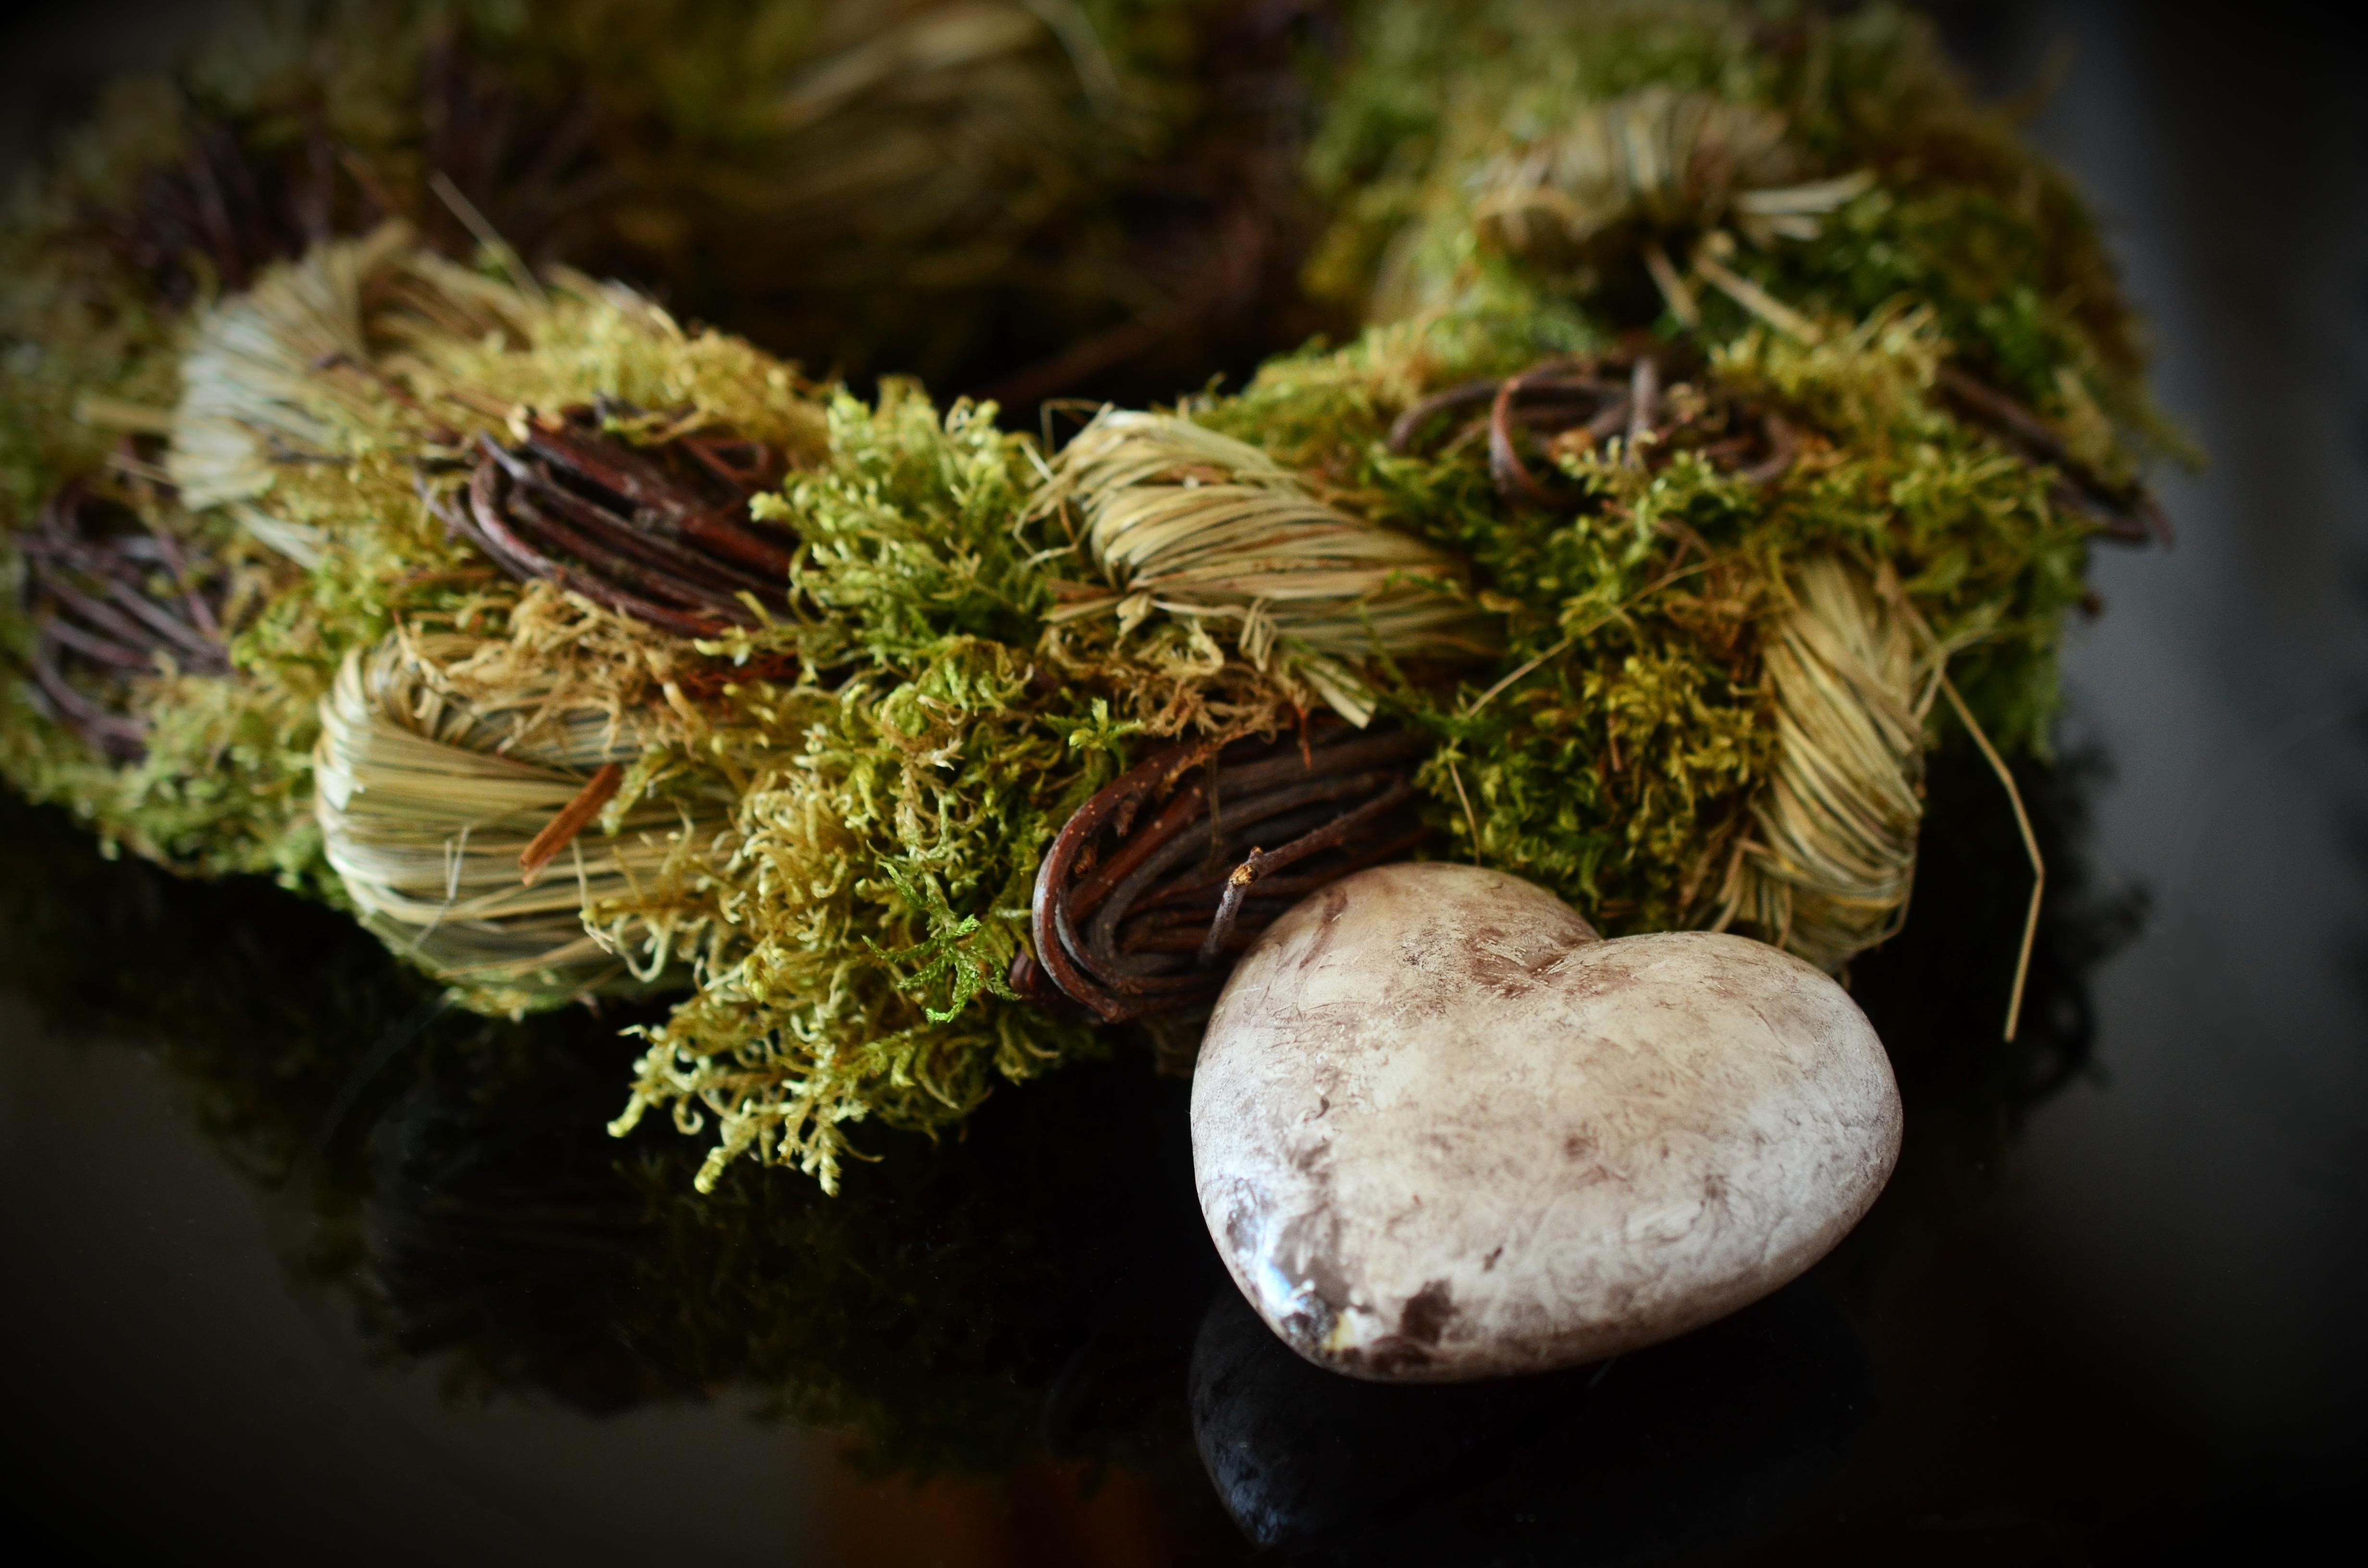 Images gratuites arbre branche plante feuille fleur c ur produire l 39 automne romantique - Image automne gratuite imprimer ...